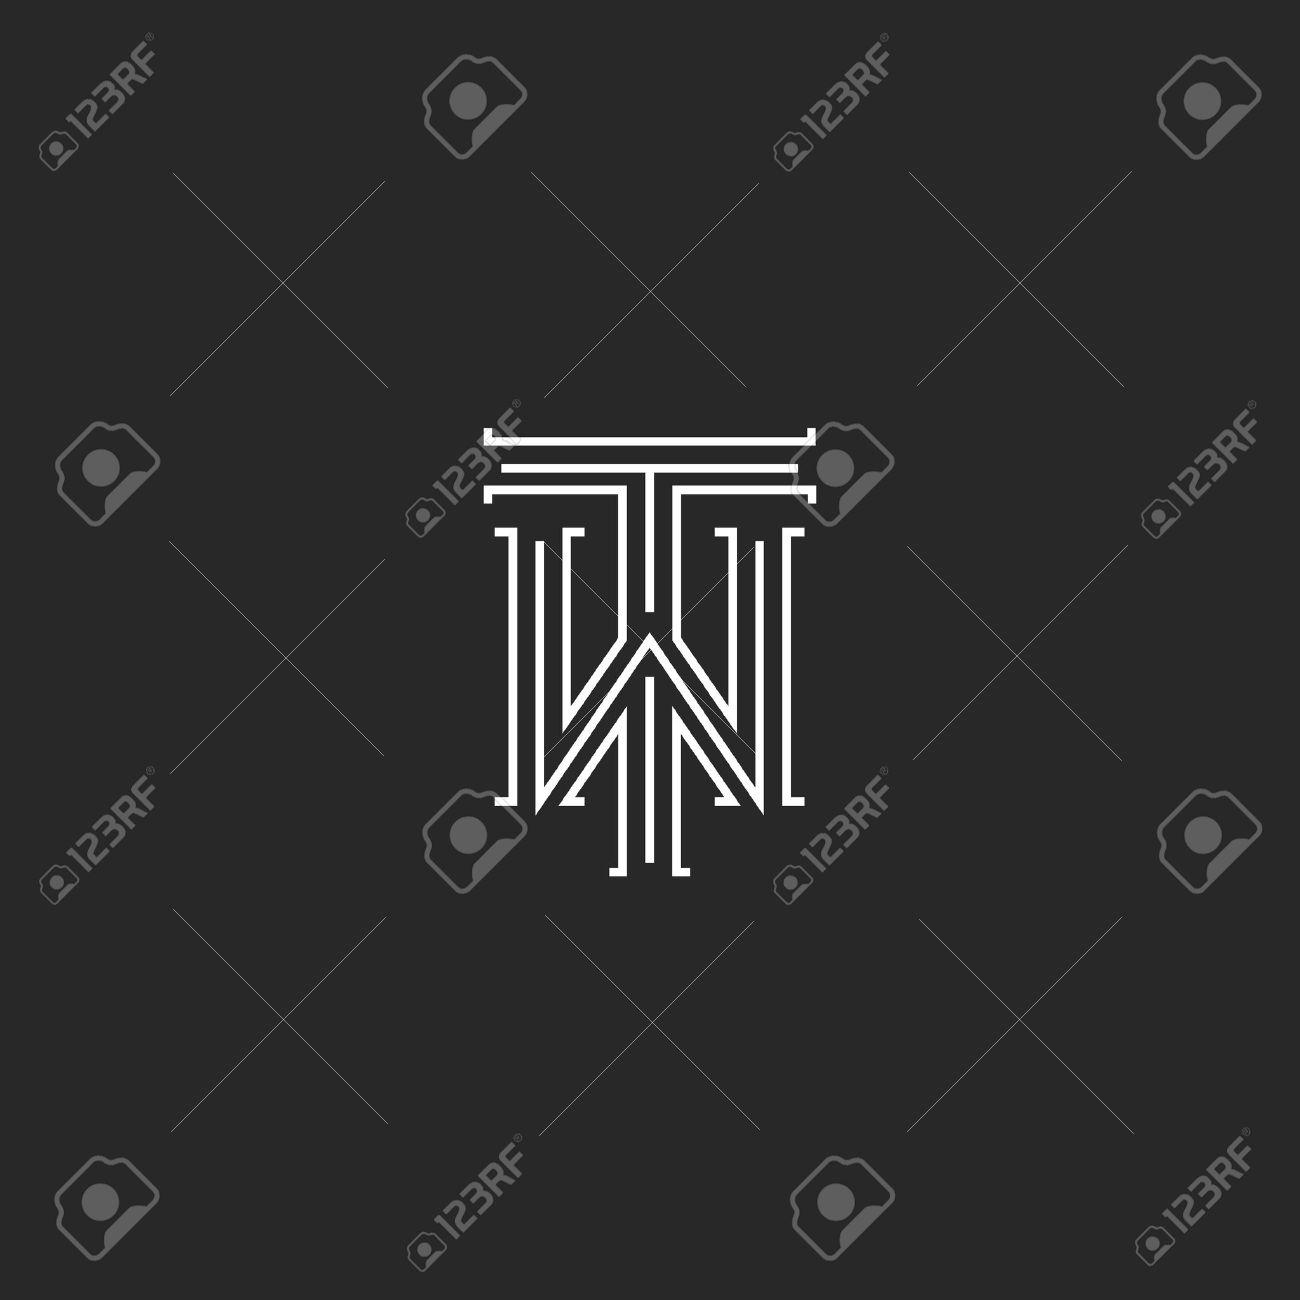 Standard Bild   TW Buchstaben Logo Mittelalterlichen Monogramm  Schwarz Weiß Kombination Kreuzung Initialen WT Für Hochzeit, Einladung  Emblem, ...